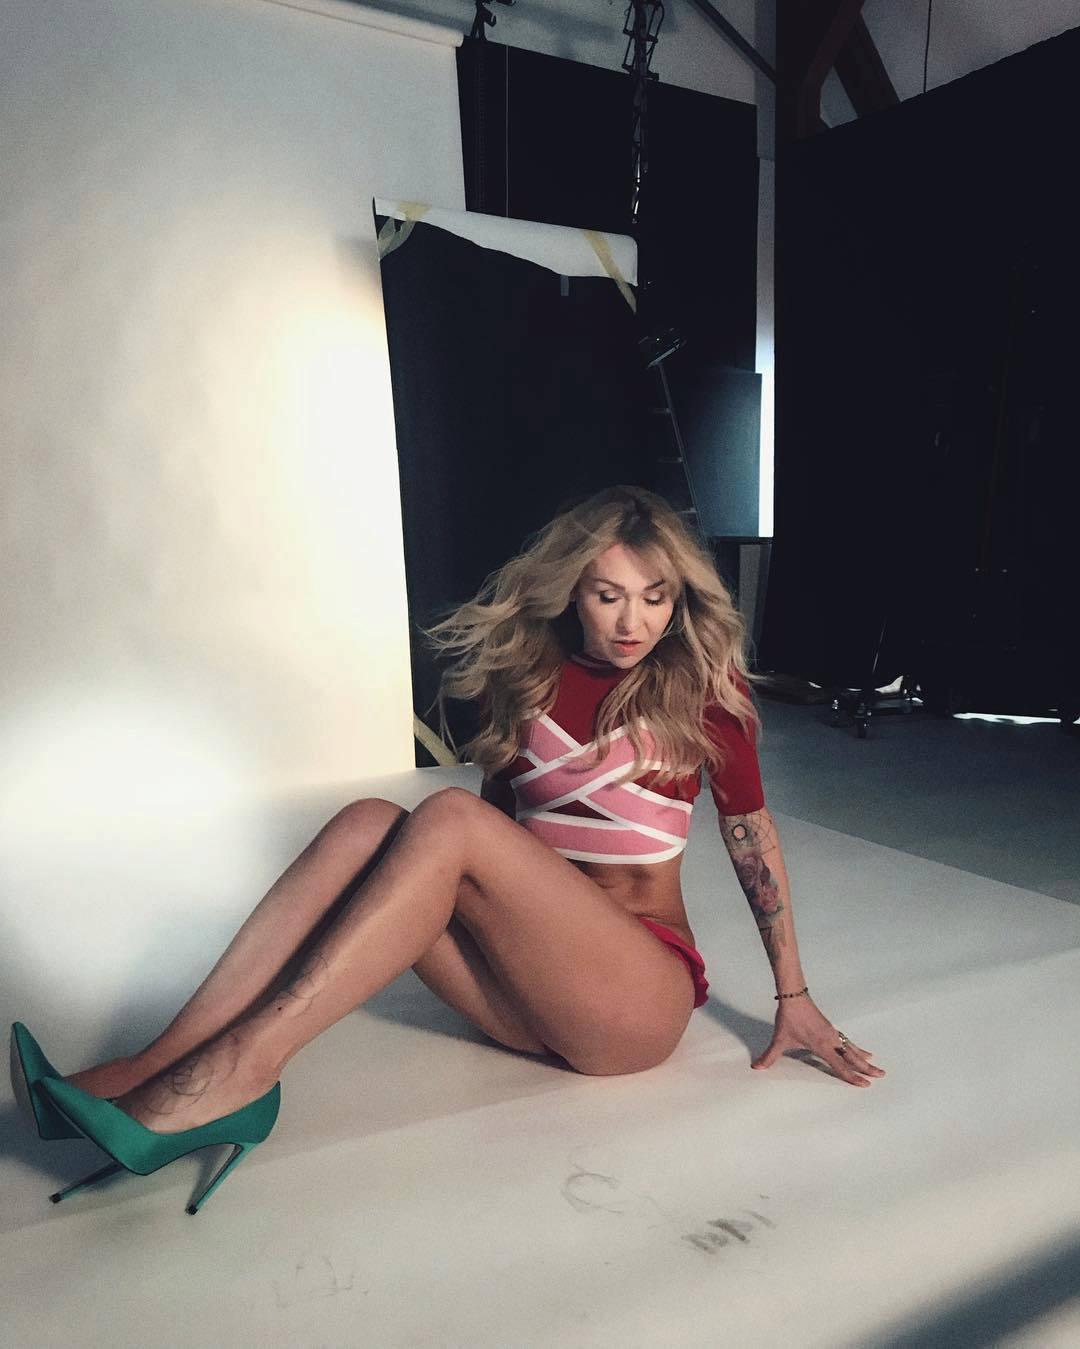 Kateřina Kaira Hrachovcová fotila pro časopis Dieta a předvedla nohjy dlouhé až do nebe! Je ve skvělé formě, nemyslíte?